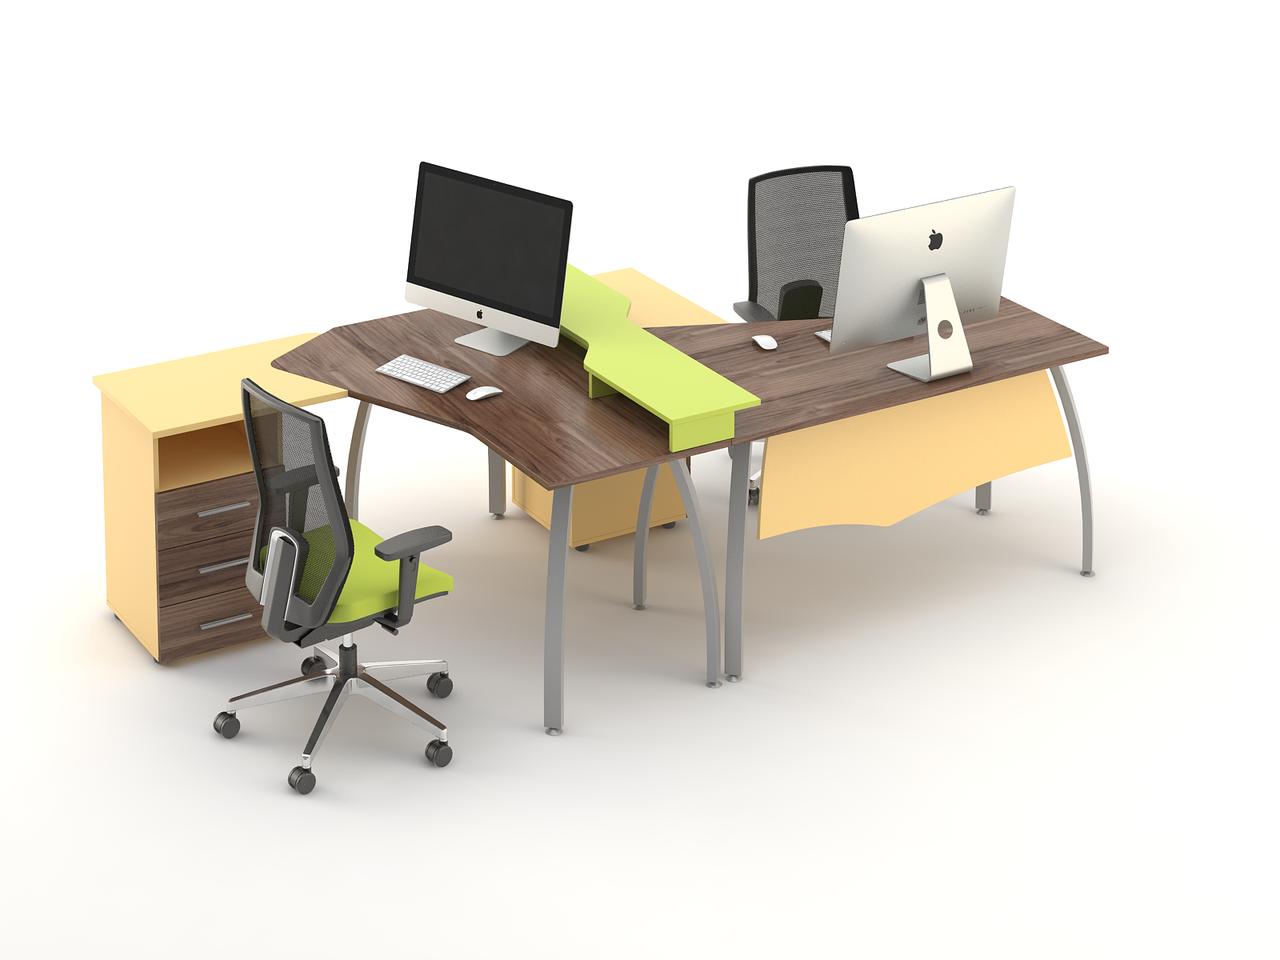 Комплект мебели для персонала серии Прайм композиция №7 ТМ MConcept